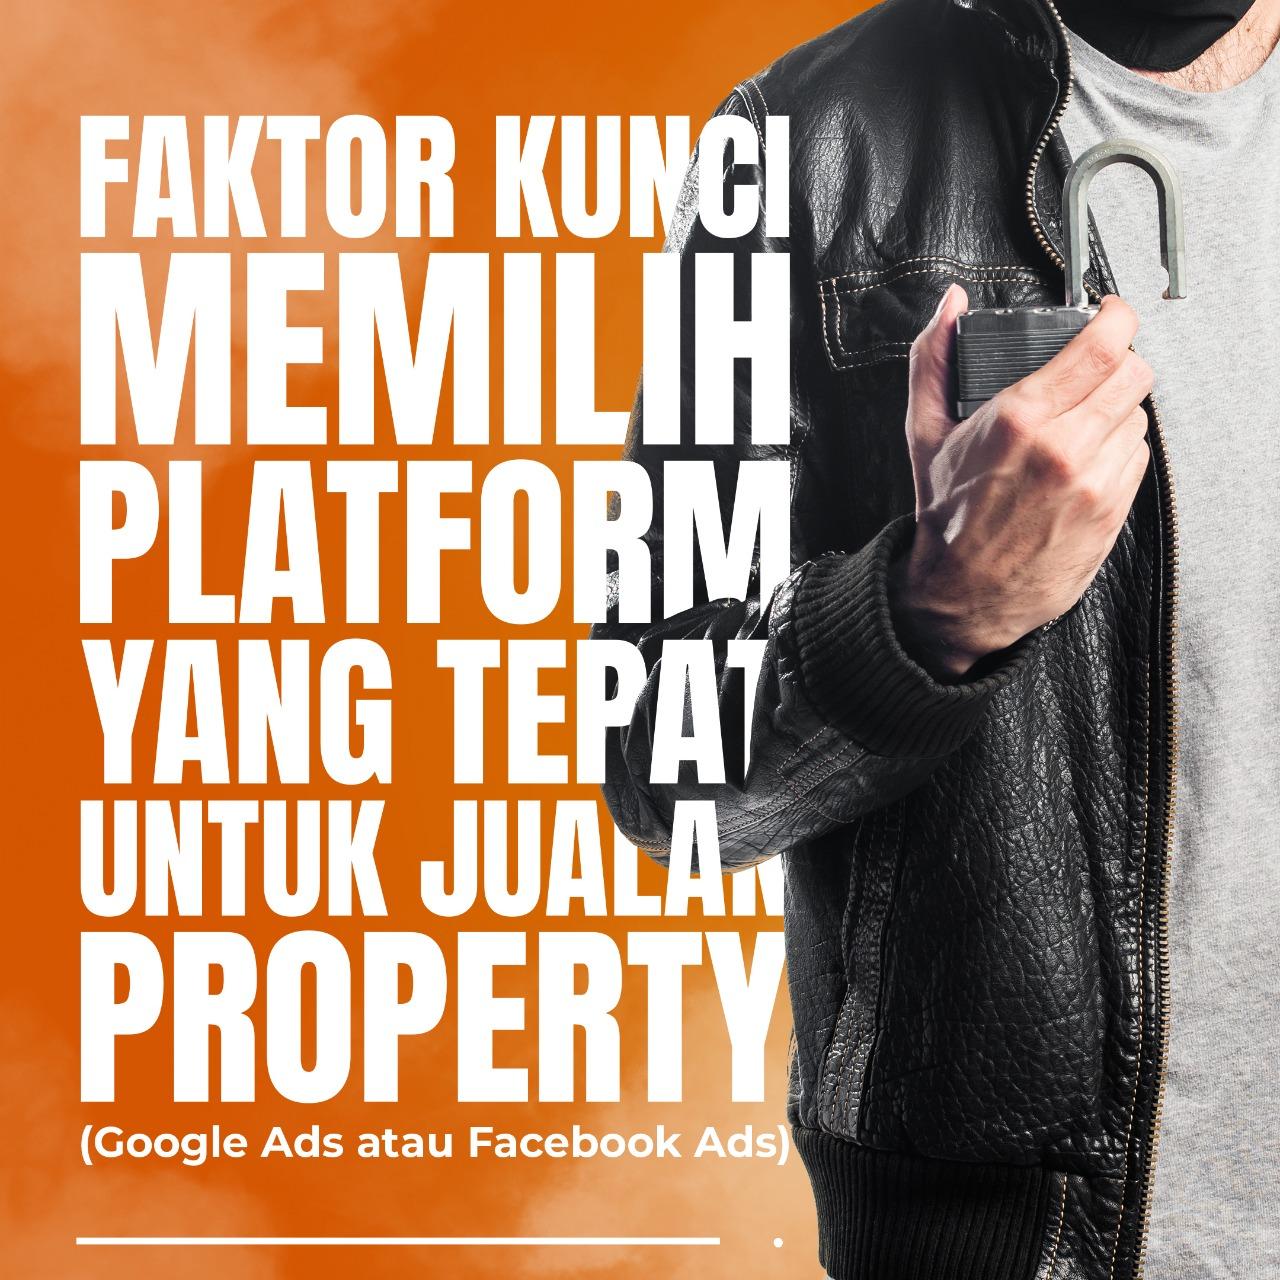 Faktor Kunci Memilih Platform Iklan yang Tepat untuk Jualan Property - square - Google Ads atau Facebook Ads - dav digi - jasa iklan property - digital marketing property